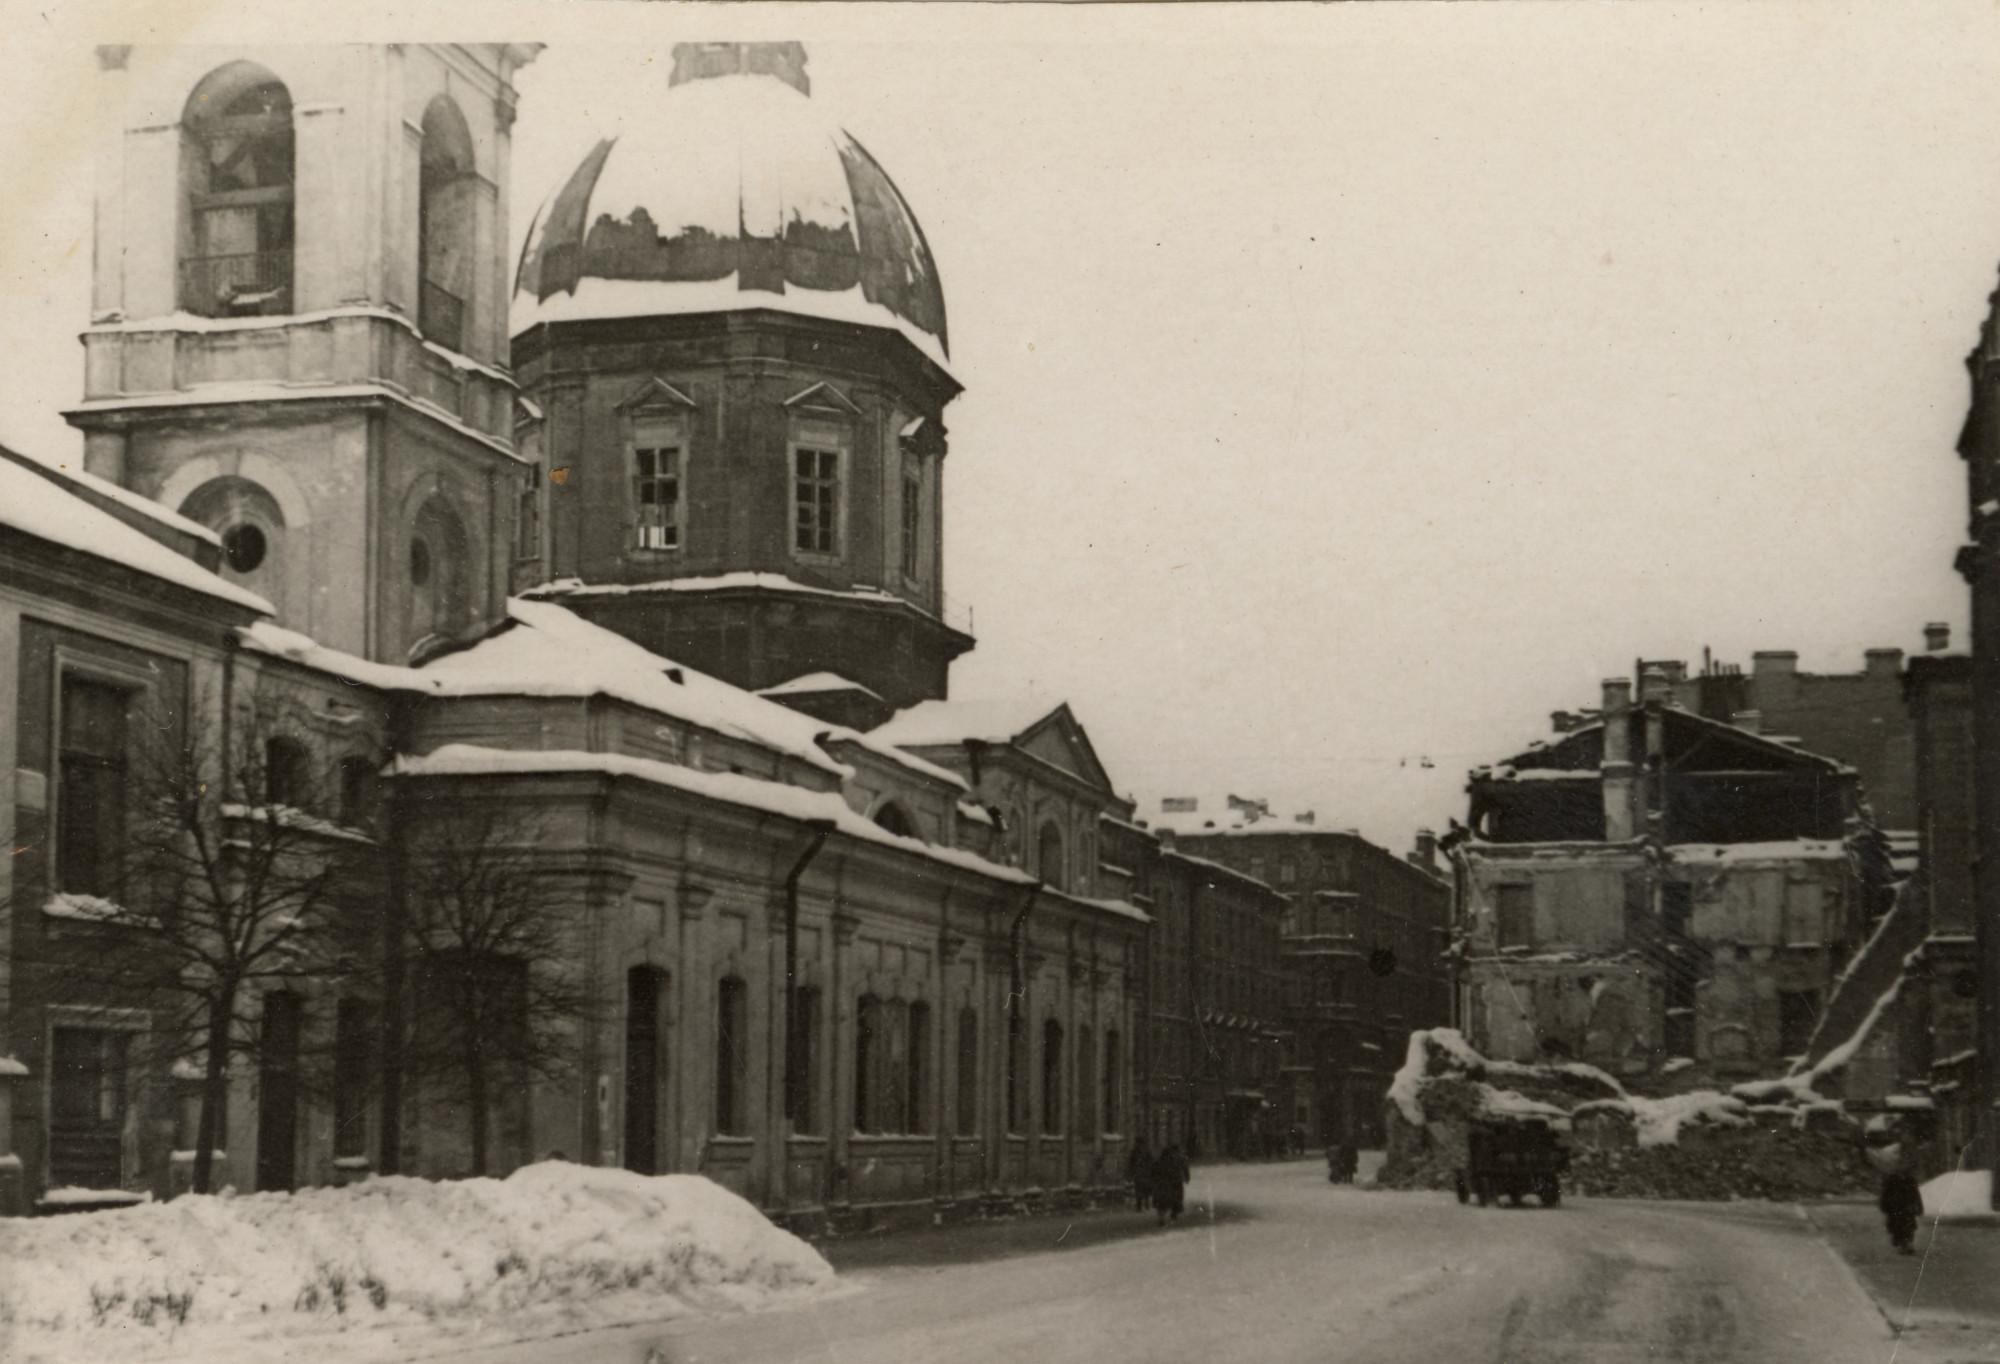 Ленинград, улица Пестеля, блокада, Великая Отечественная война